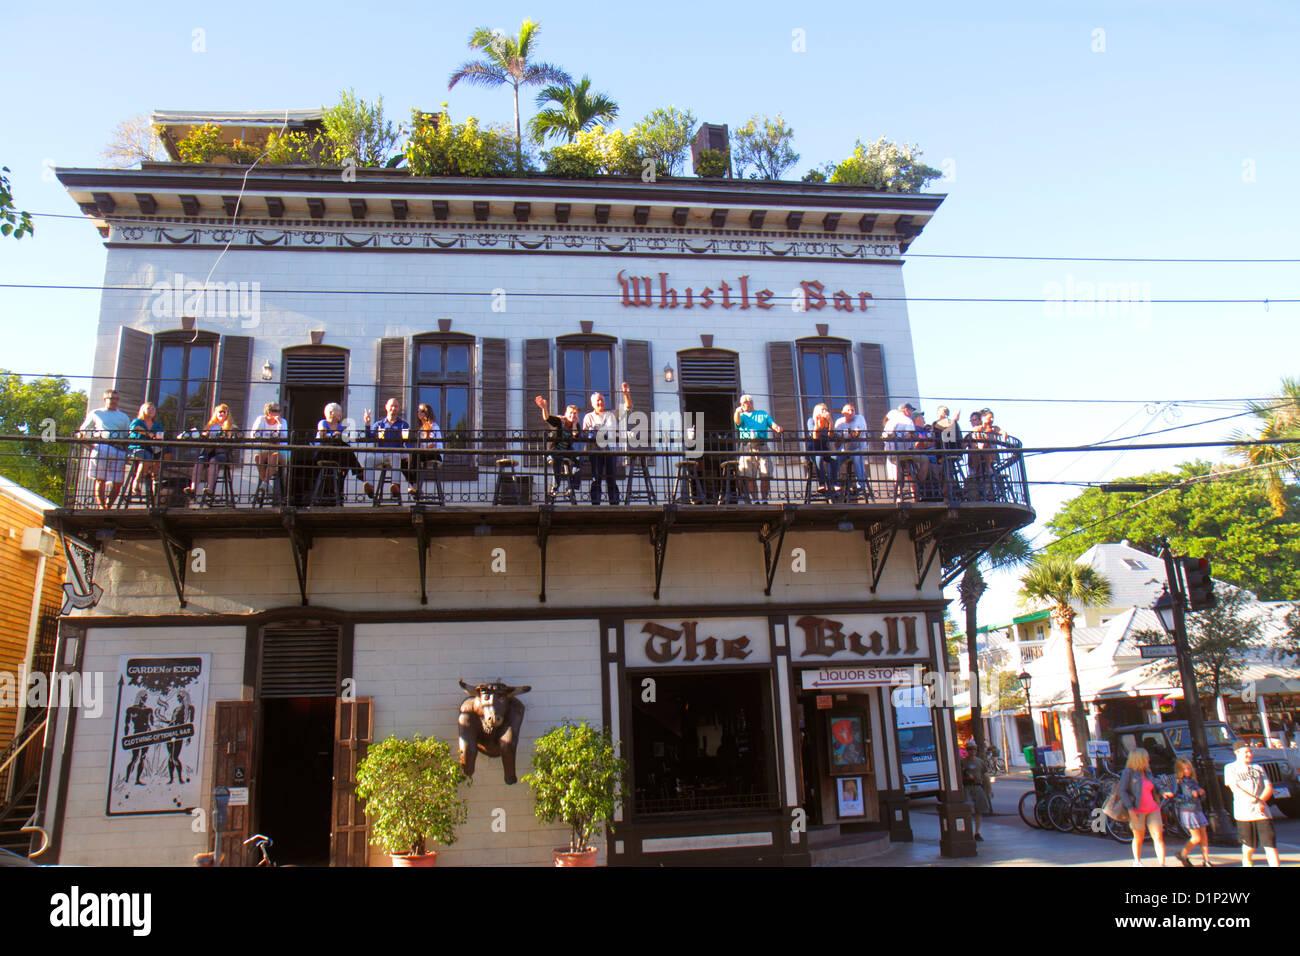 The Bull Restaurant Key West